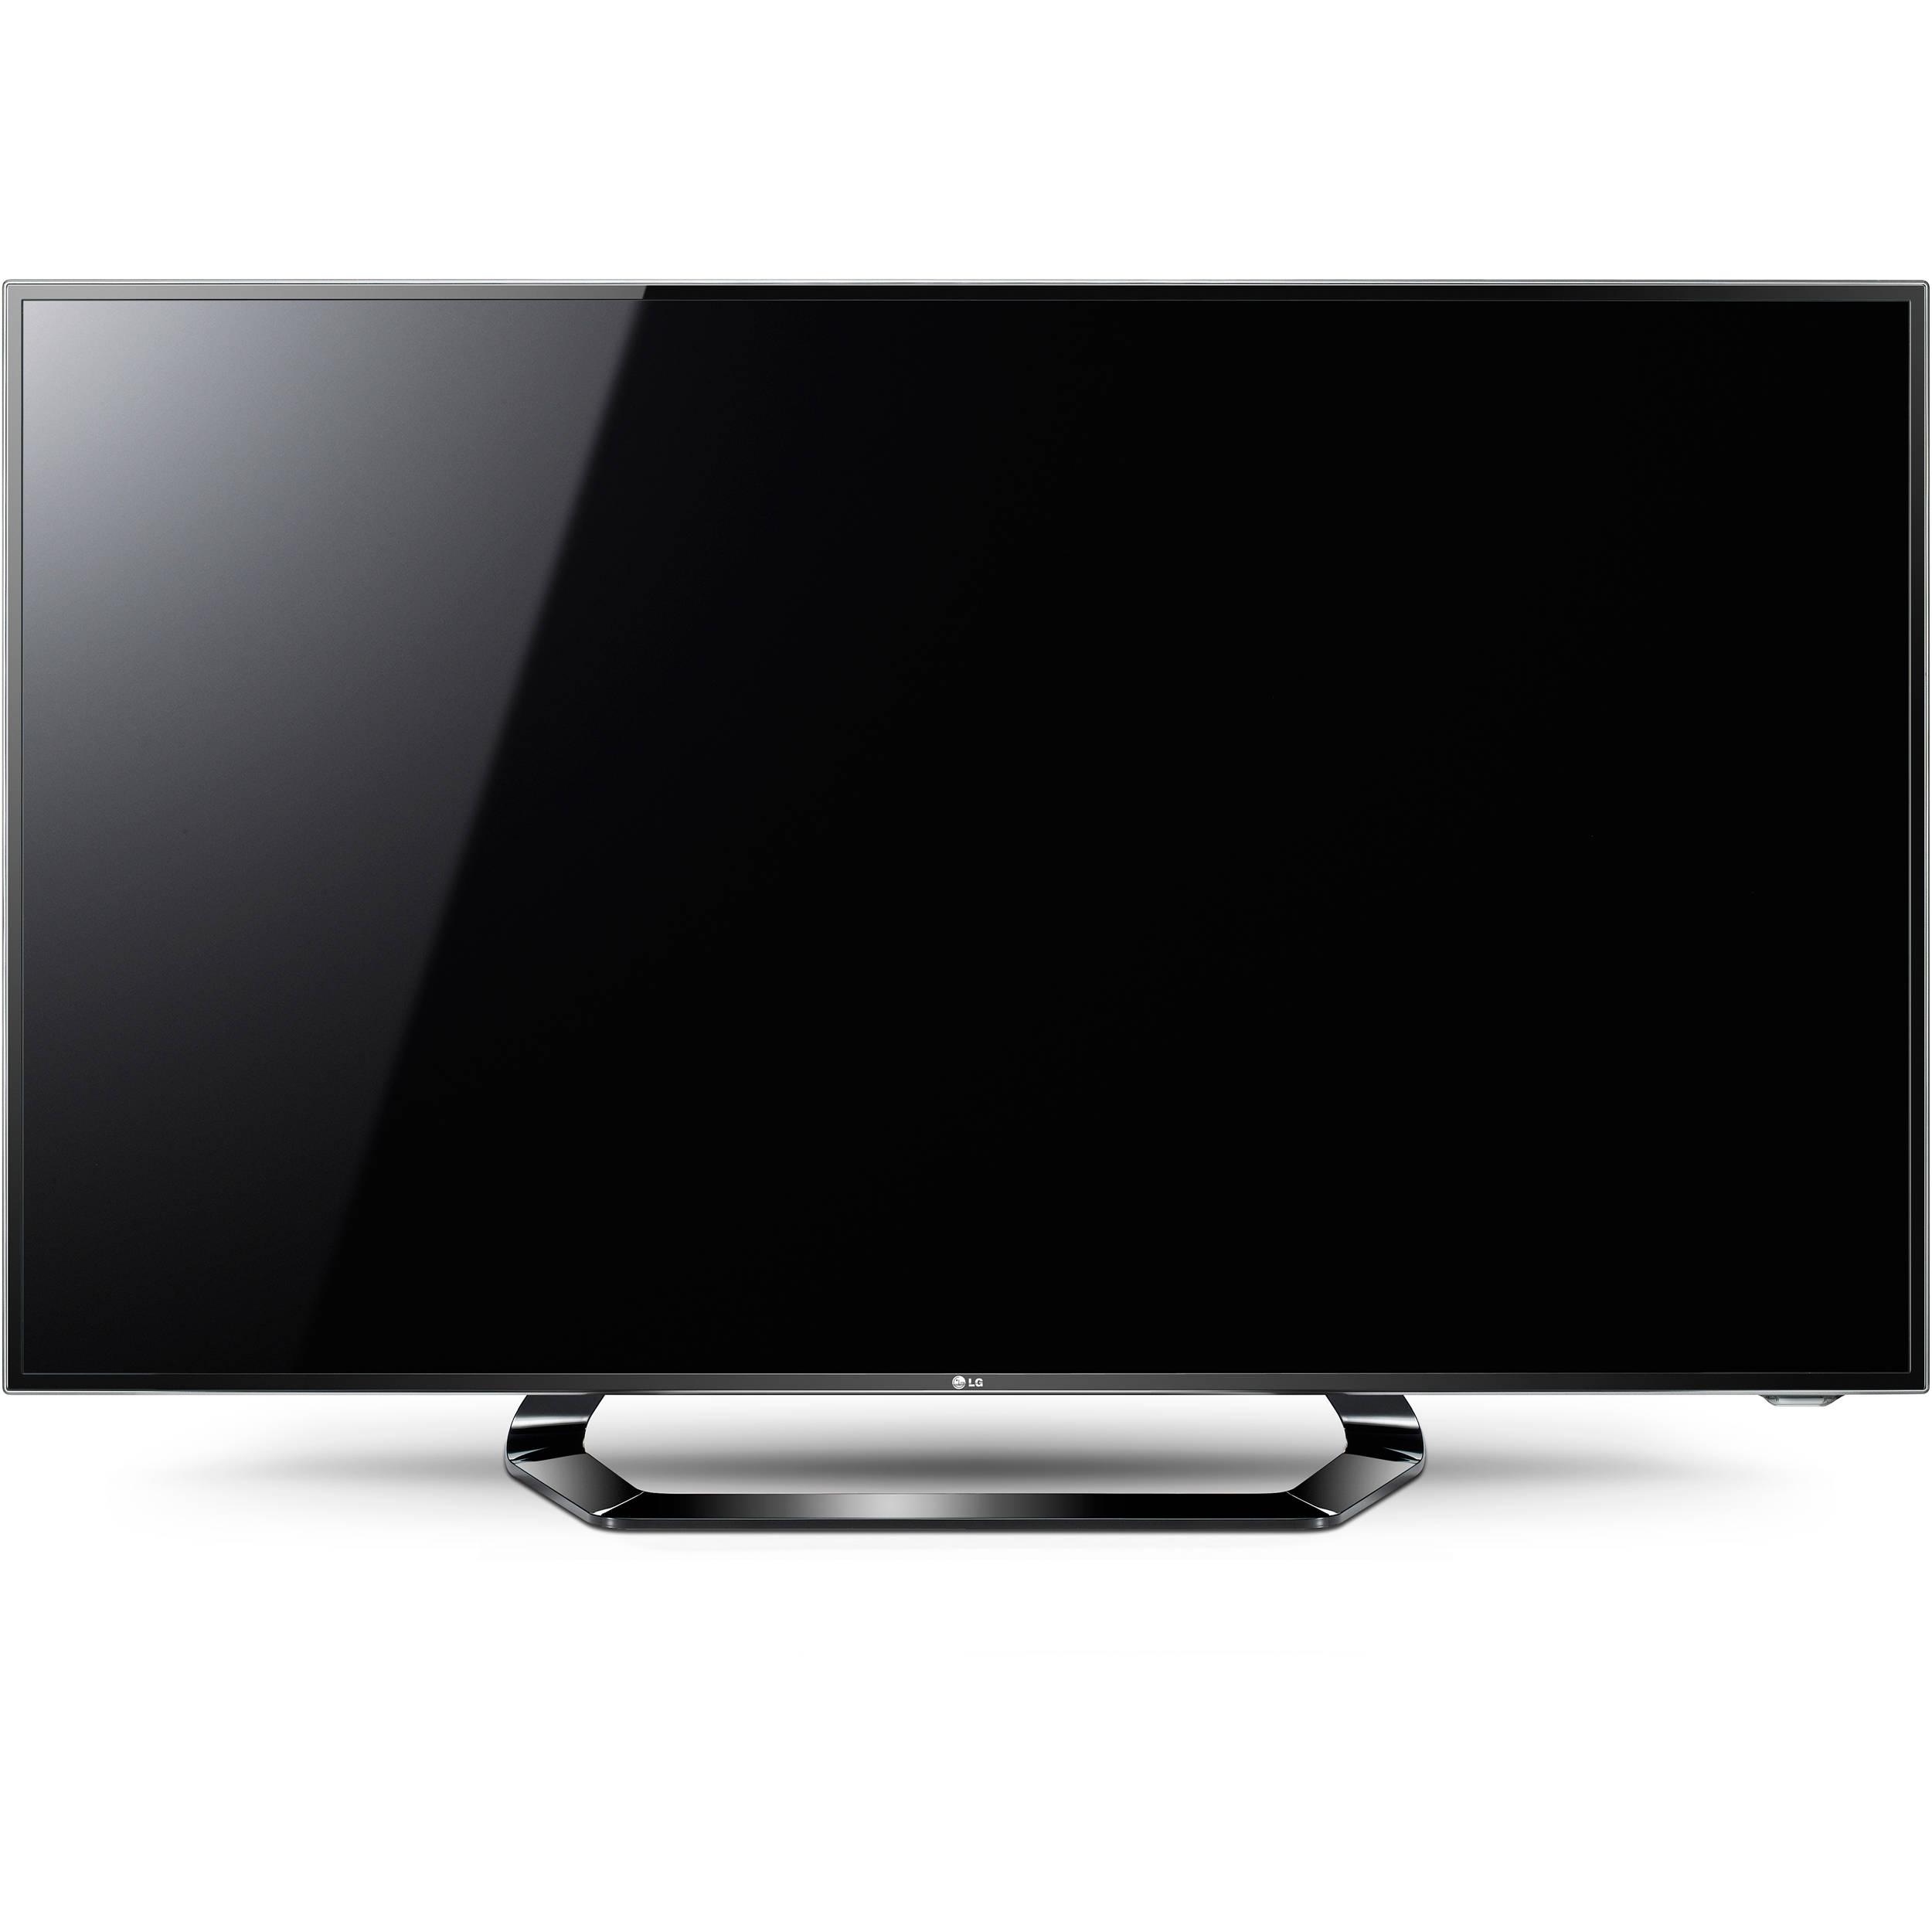 lg 60 lm7200 full hd 1080p cinema 3d smart led tv 60lm7200. Black Bedroom Furniture Sets. Home Design Ideas